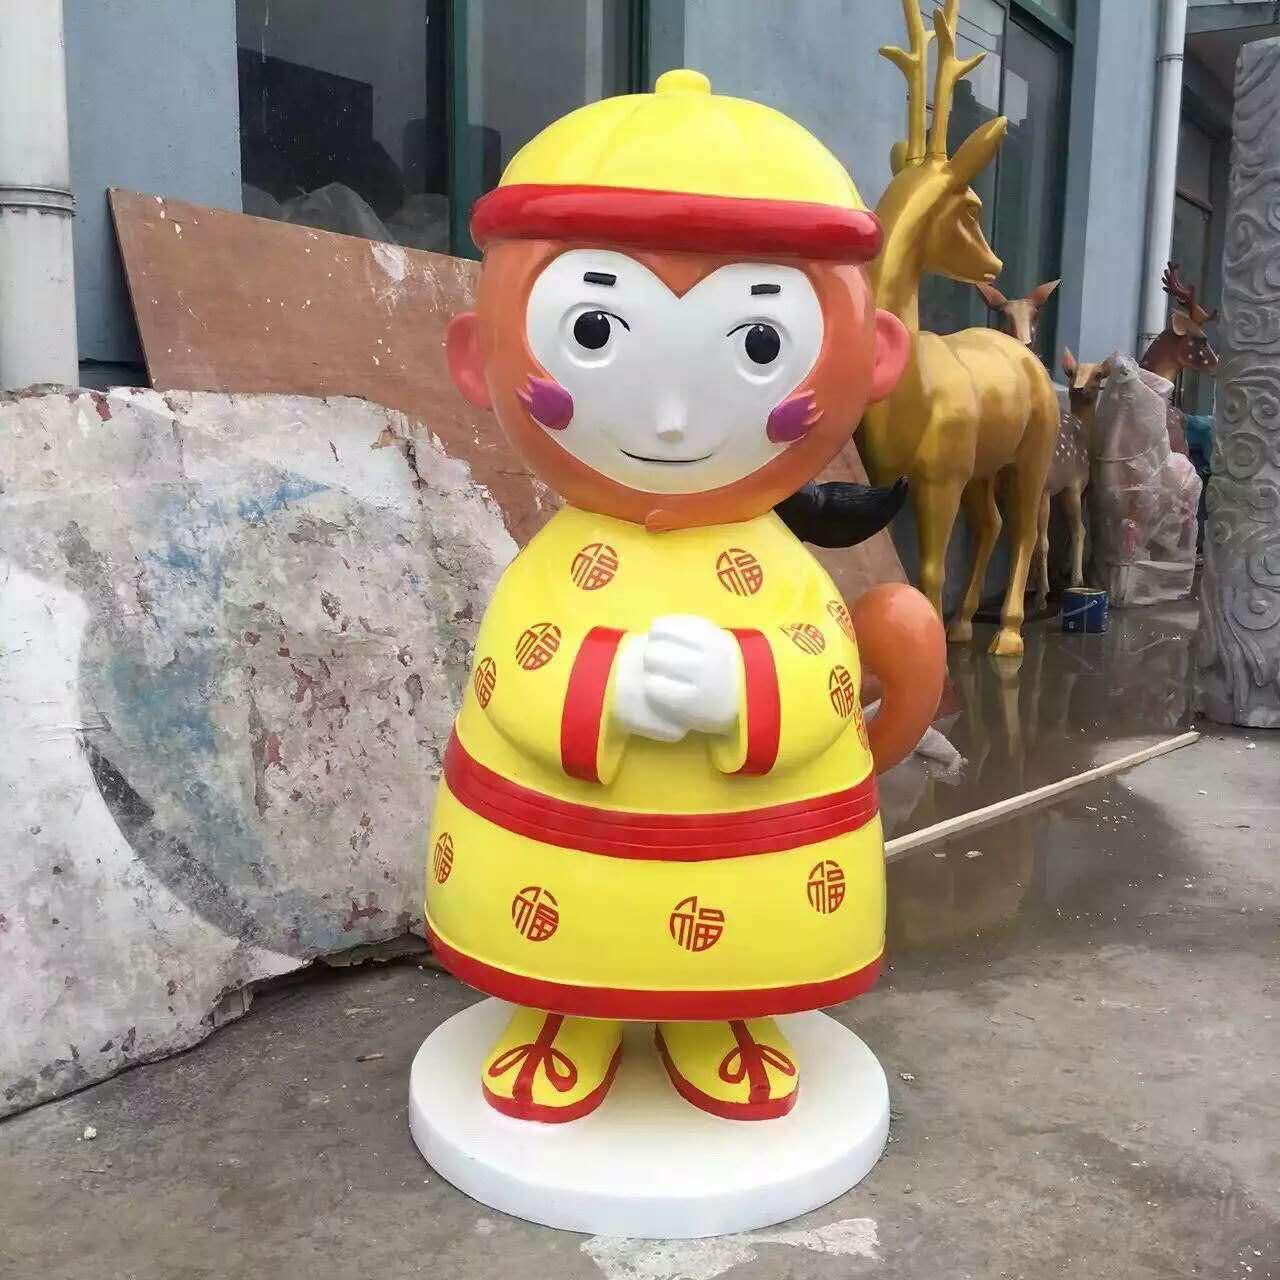 上海拜年小猴子出租贺喜猴可爱猴租赁调皮小猴子新品出售